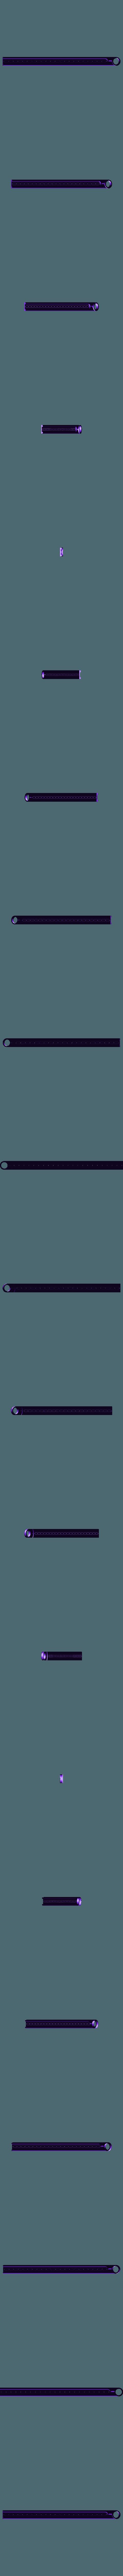 ruler.stl Download free STL file Pair of compasses • 3D printing design, Job